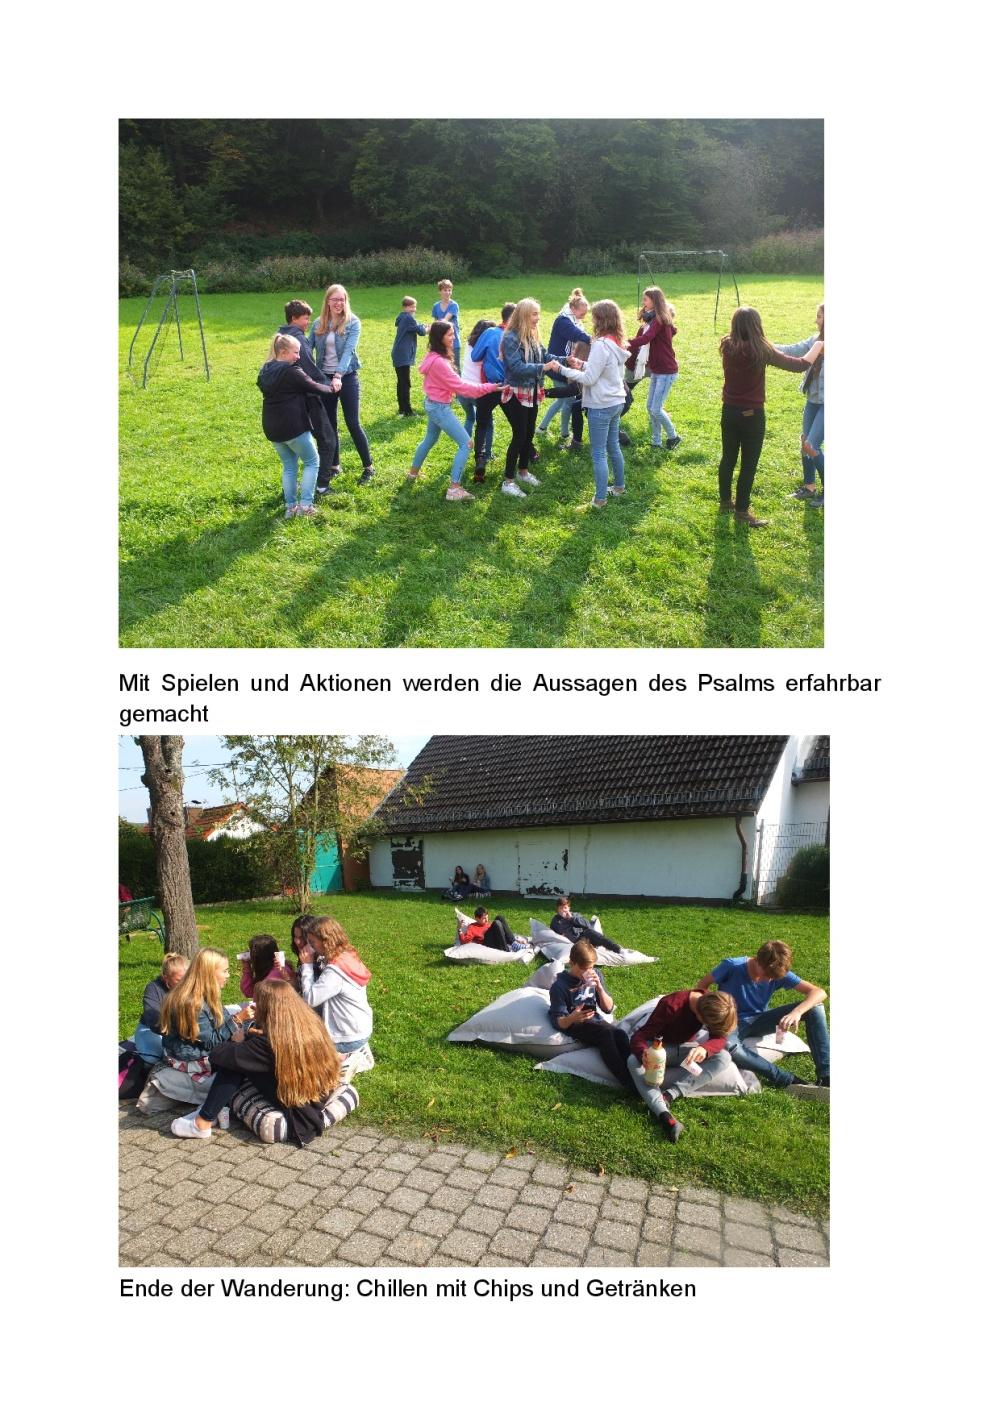 2017-09-23 Ps. 23 Wanderung 2017-002